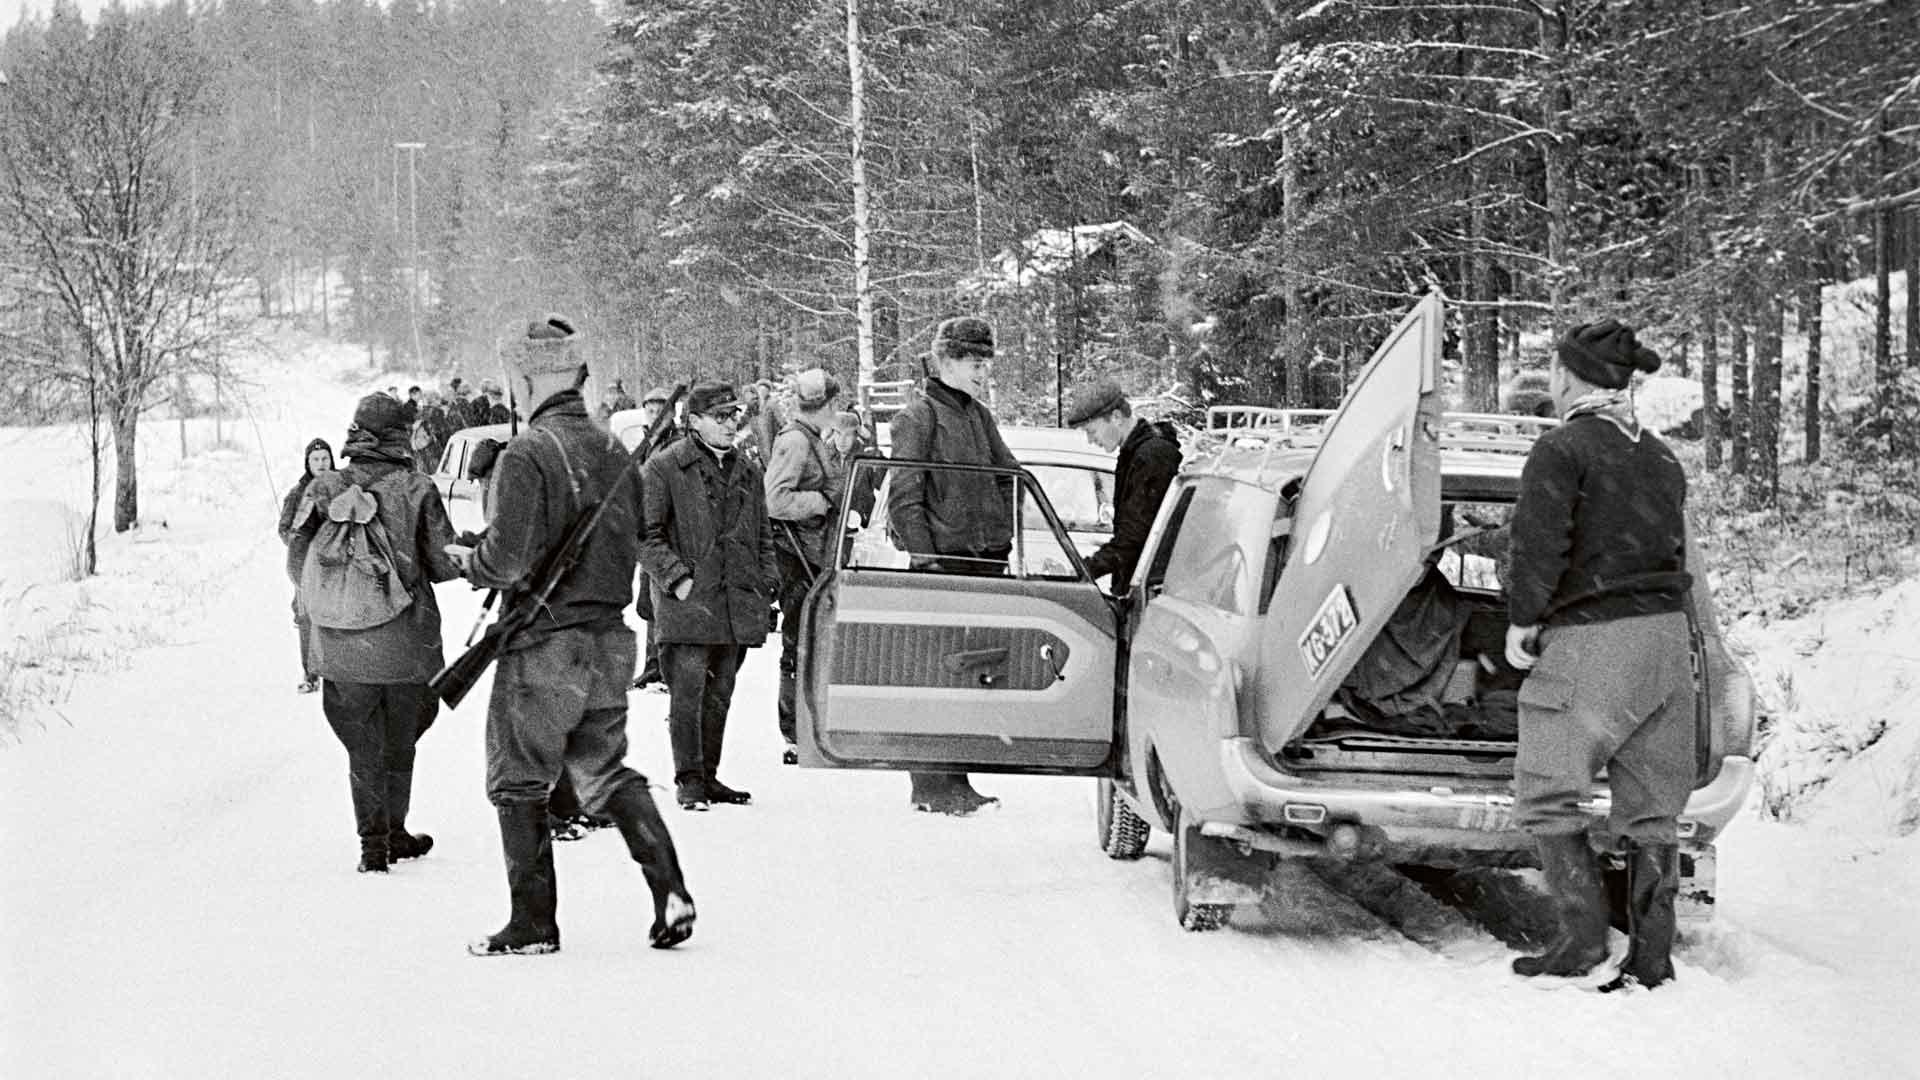 Jossain päin Suomea on jälleen nähty susi. Kuva Rautalammilta tammikuussa 1964.